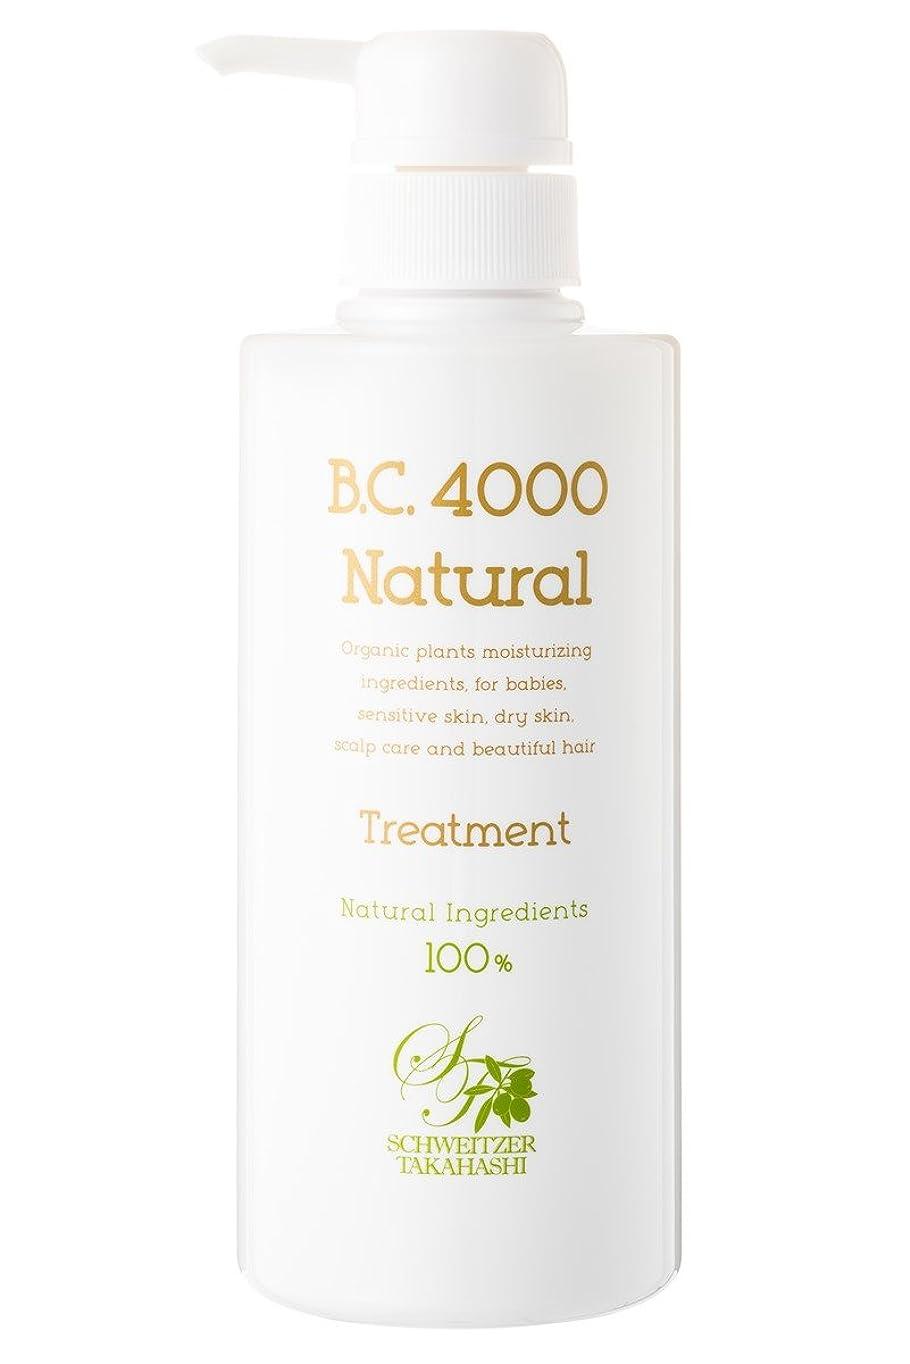 突き刺す同じうつB.C.4000 100%天然由来 ノンシリコントリートメント ナチュラル オーガニック 植物エキス配合 (400g)